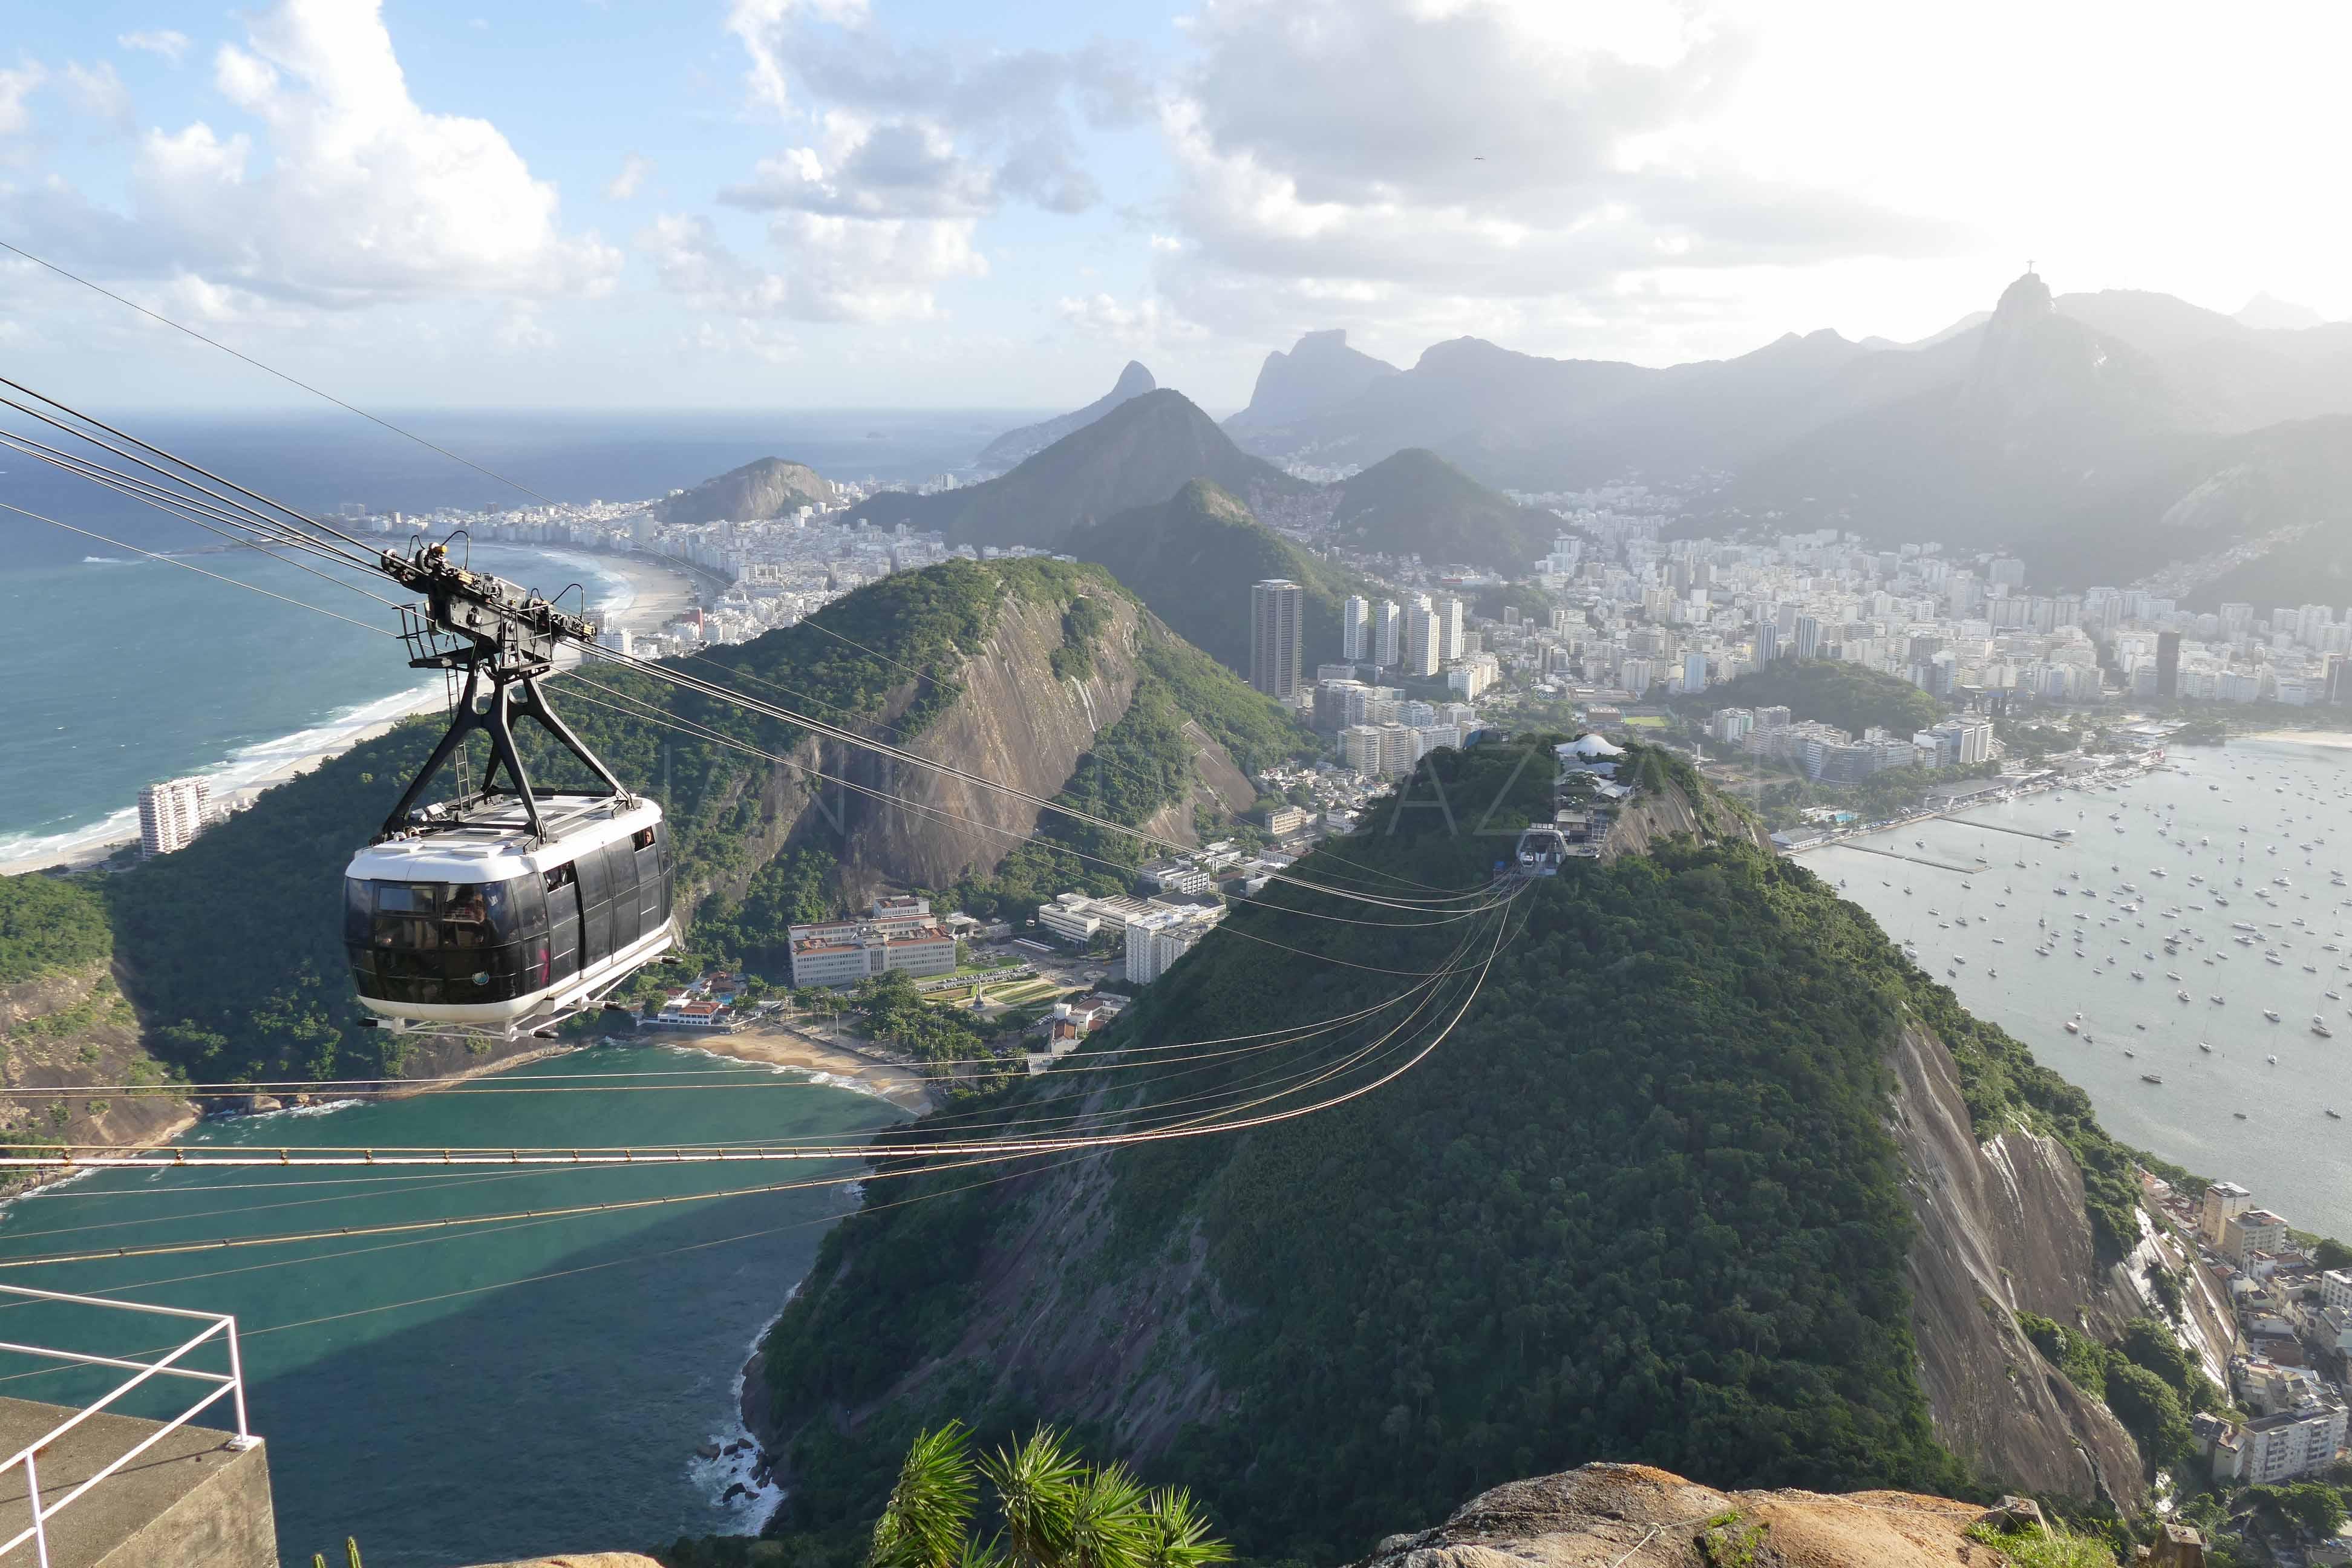 Visiter Rio de Janeiro - Voyage au Brésil